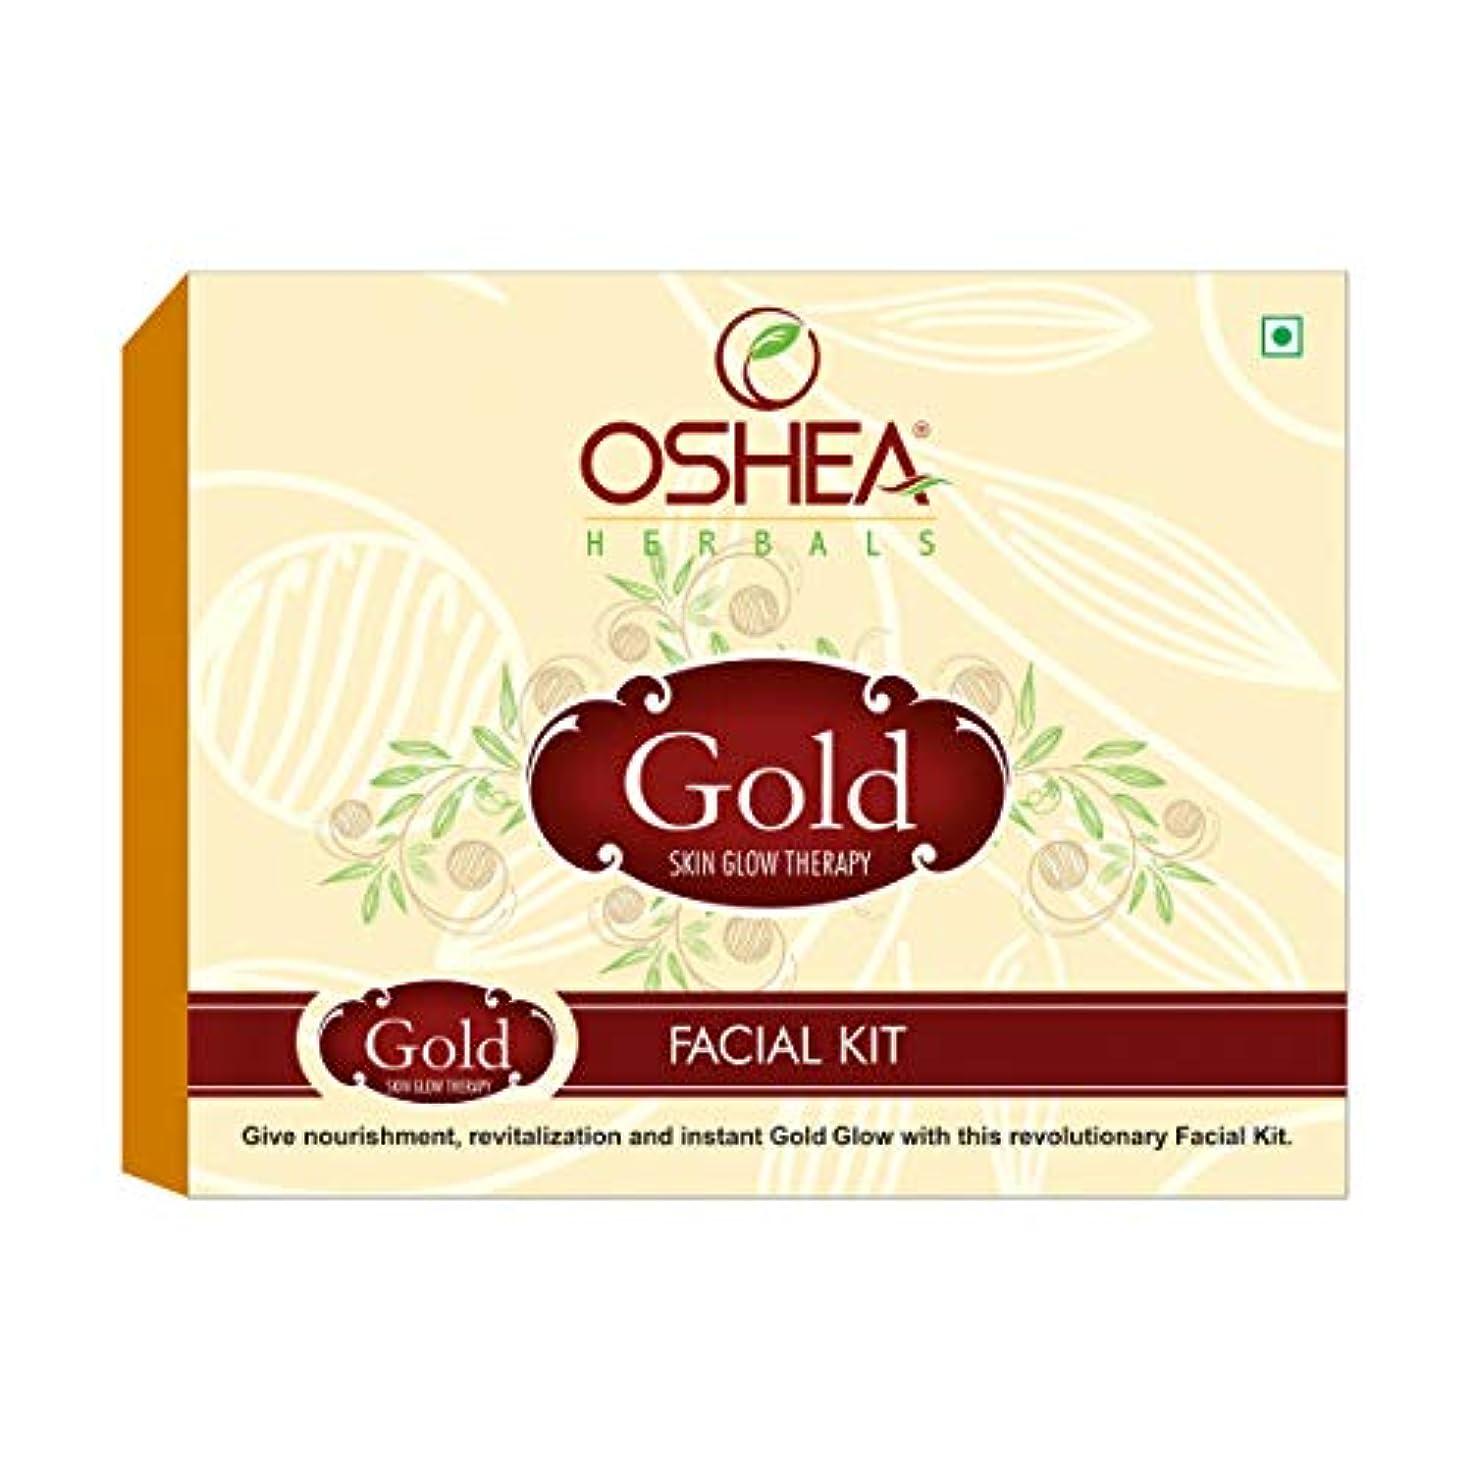 広告する興奮する無意味Oshea Herbals Gold Facial Kit 42g for softer and smoother skin and enhance your complexion Oshea Herbals ゴールド フェイシャルキットで肌を柔らかく滑らかにし、顔色を改善します